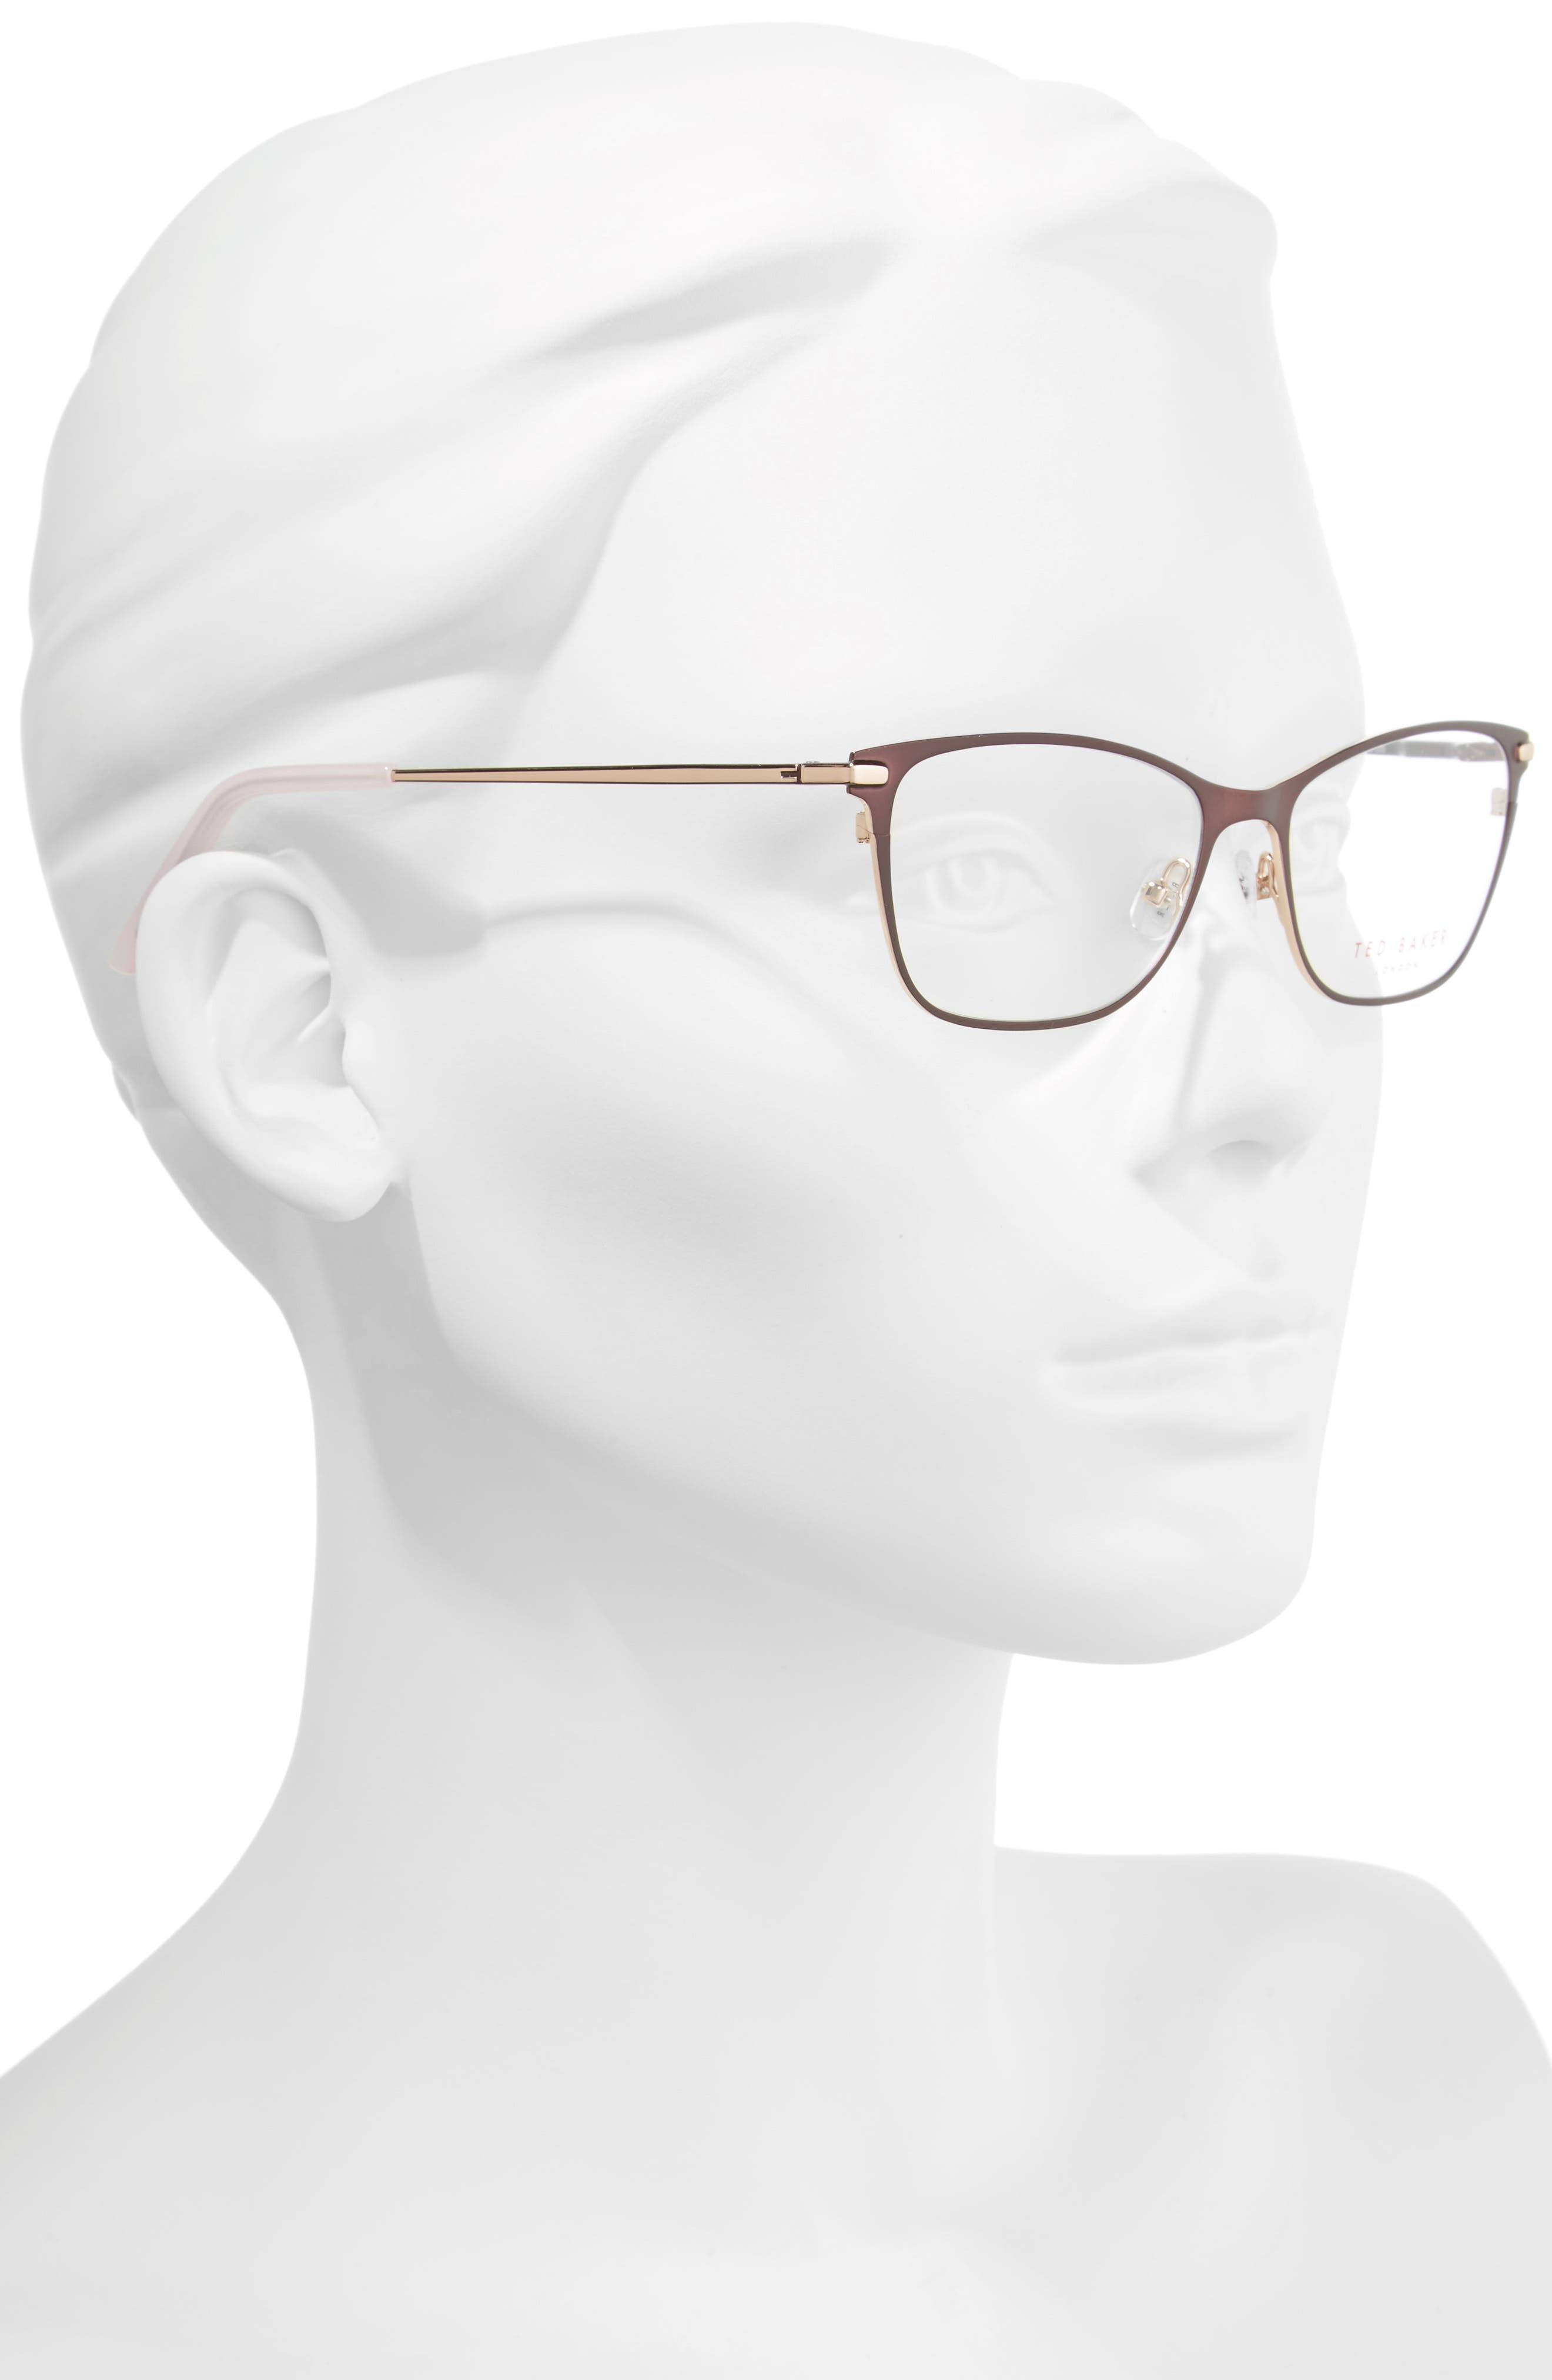 51mm Metal Cat Eye Optical Glasses,                             Alternate thumbnail 2, color,                             Brown